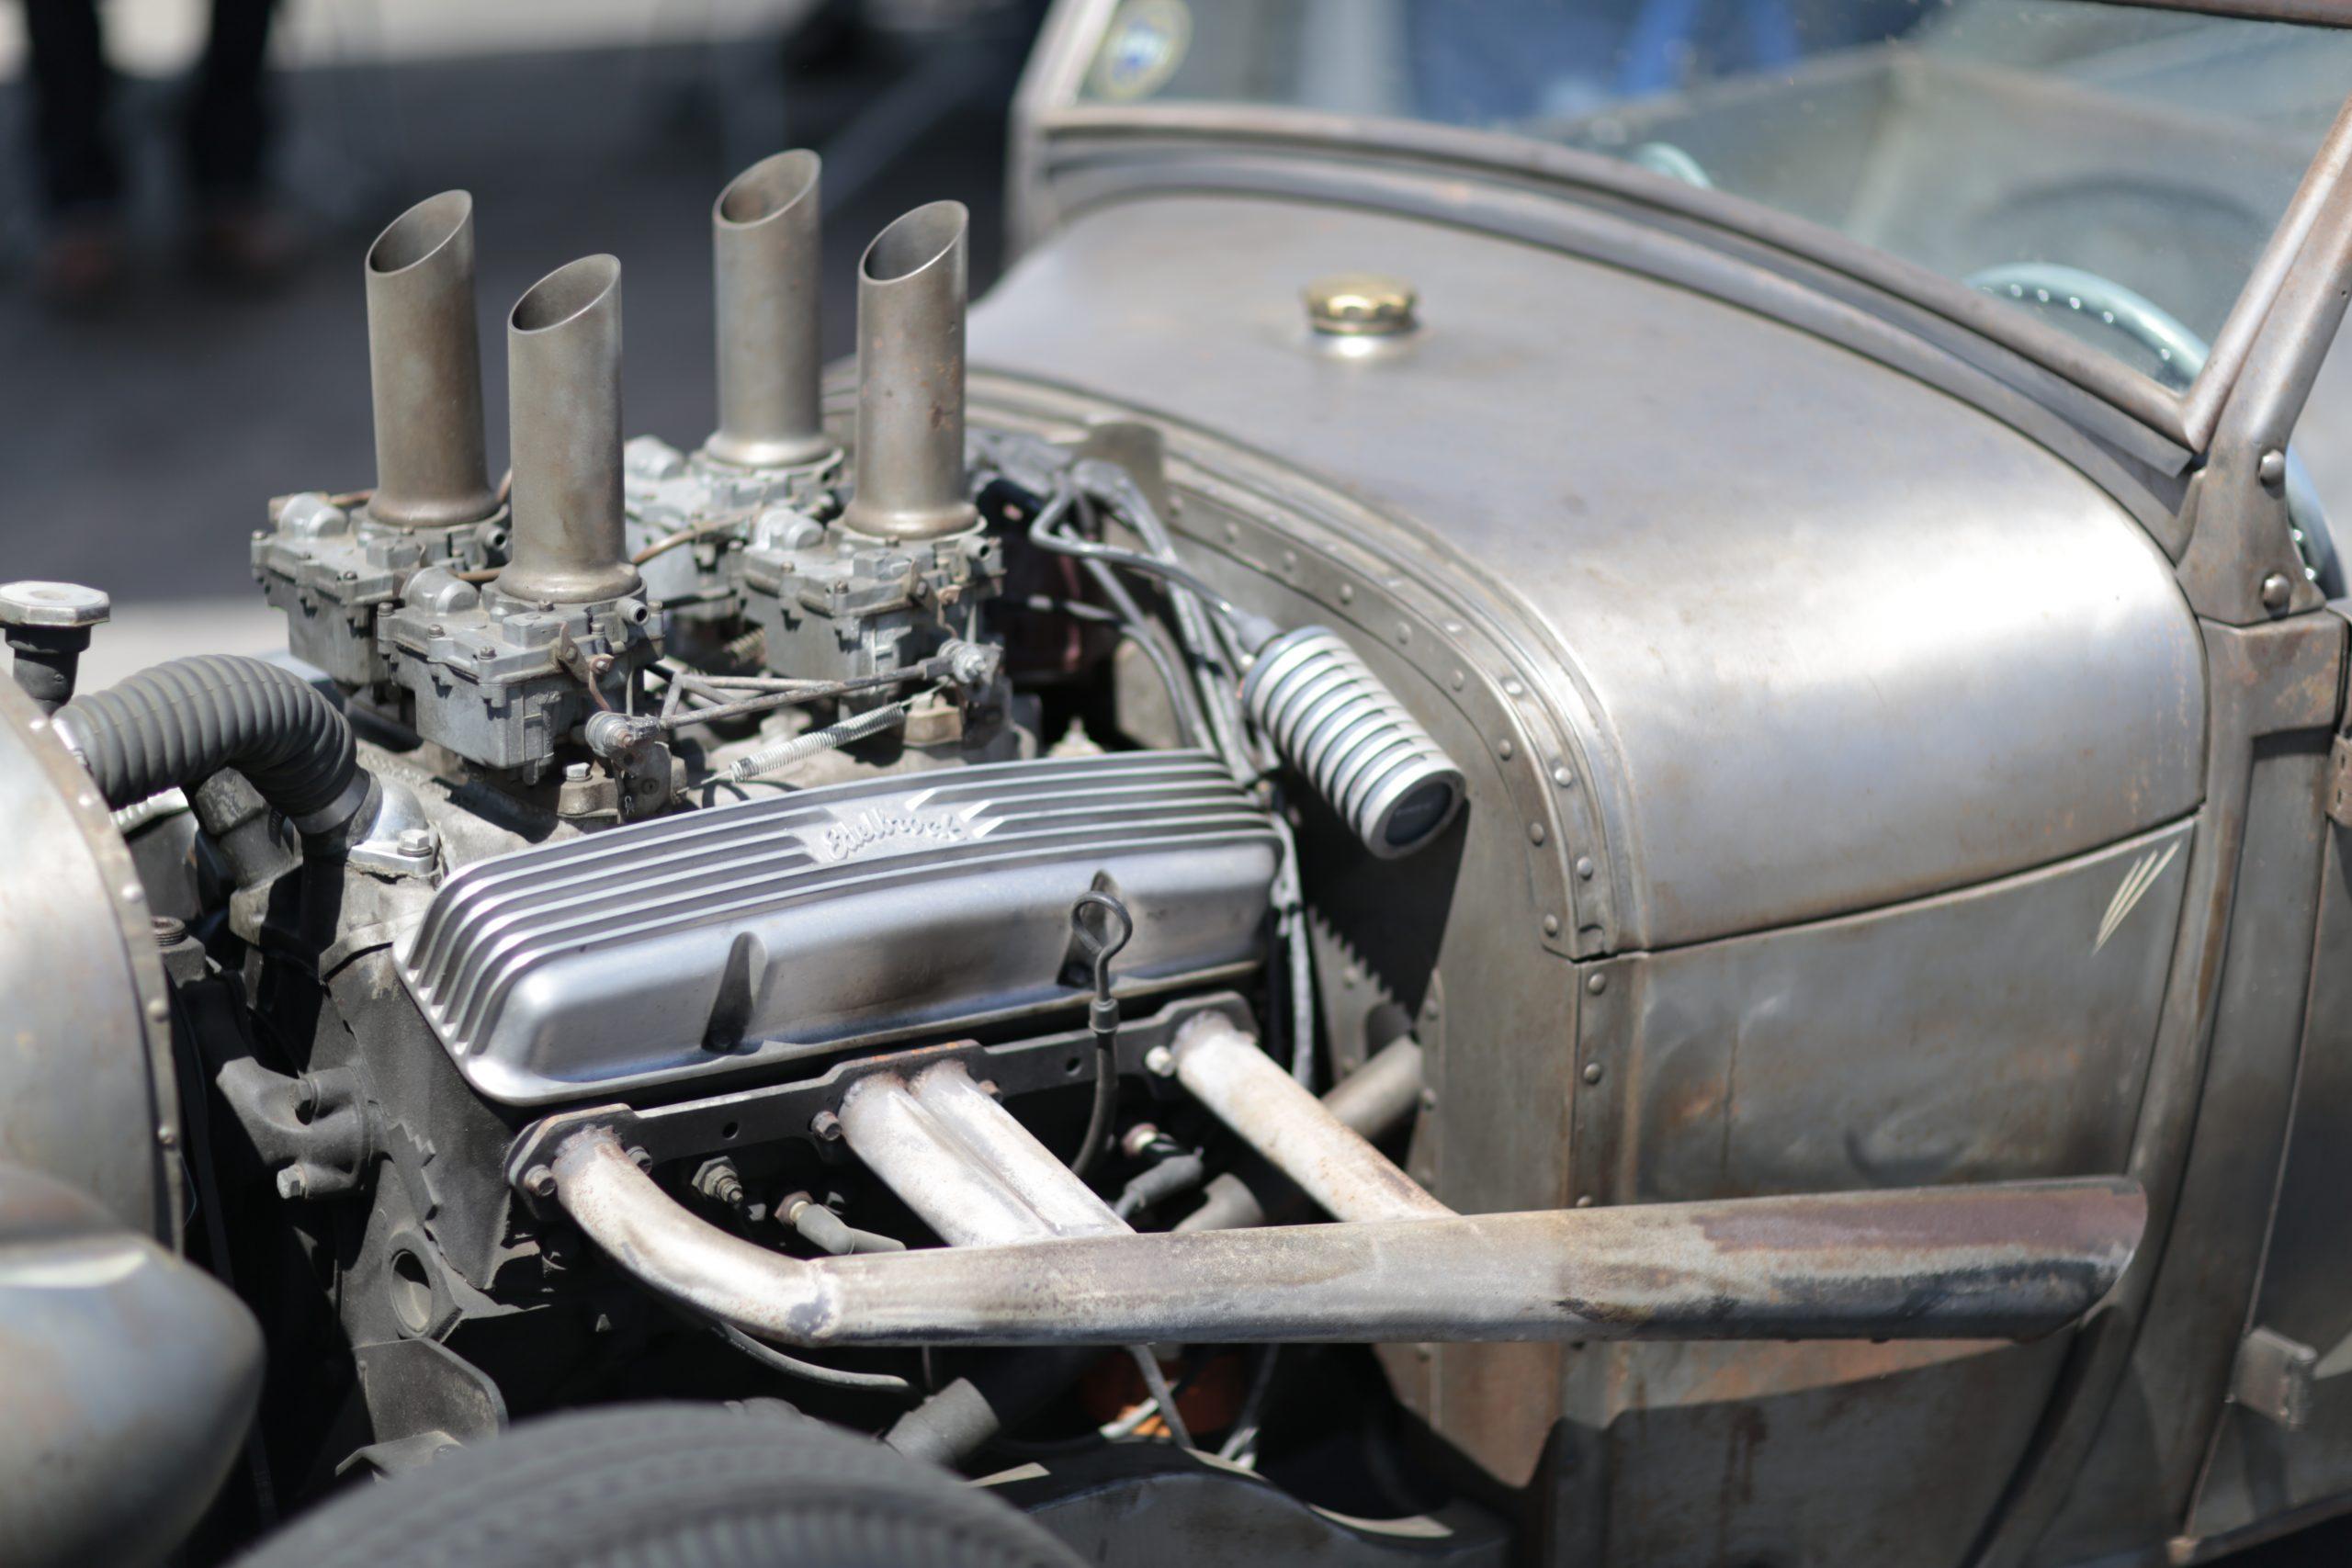 Small-block Chevrolet hot rod Edelbrock finned aluminum valve cover